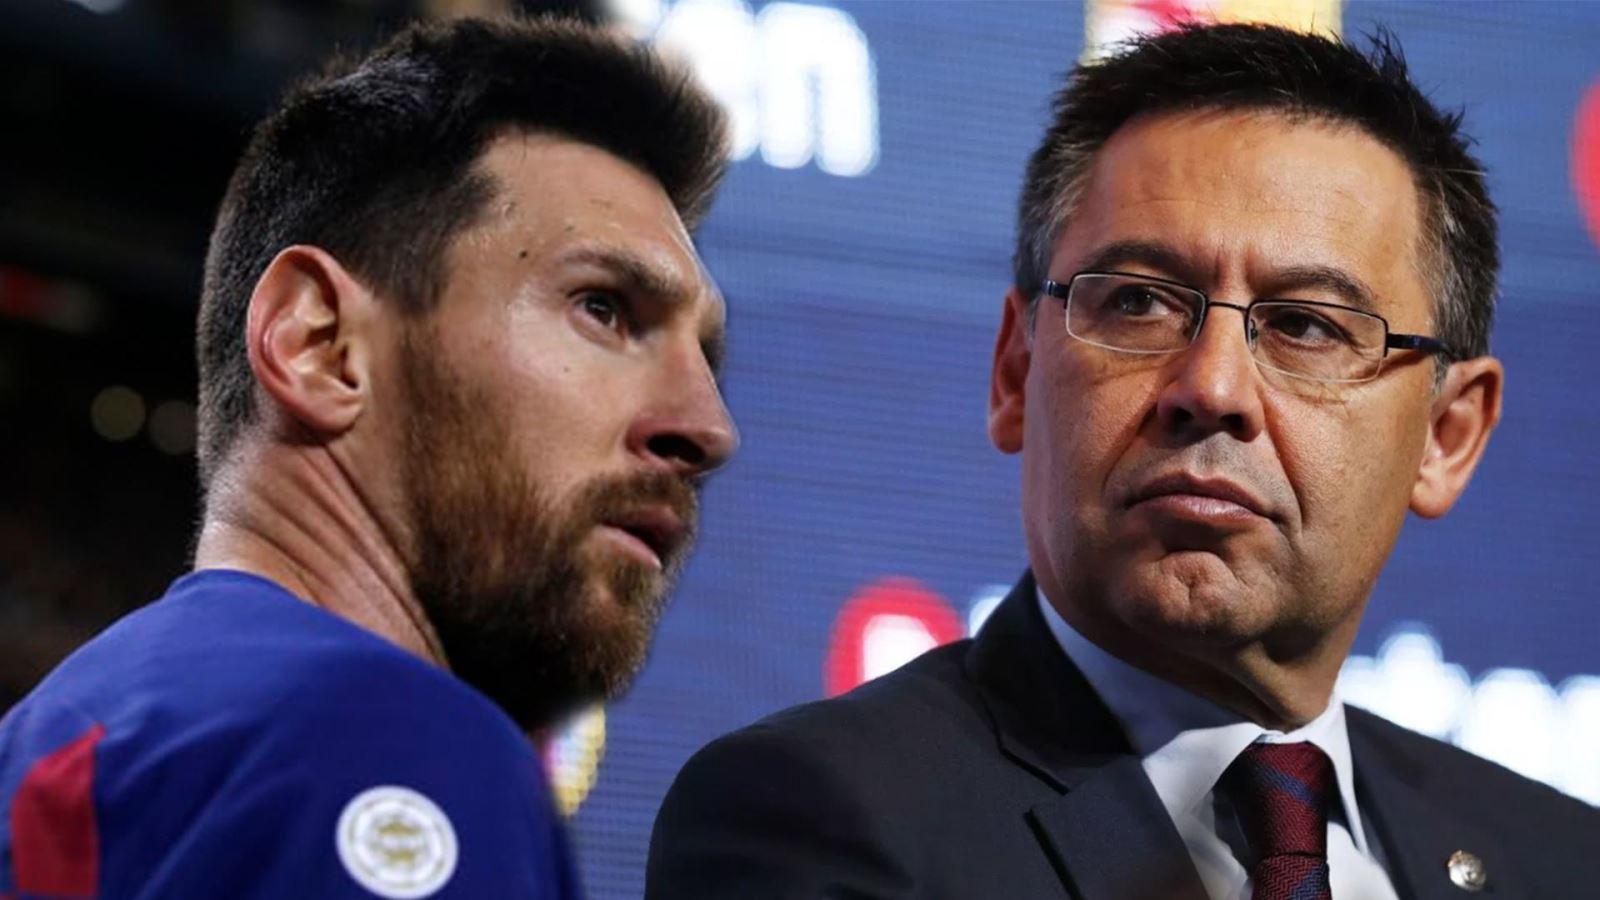 Bóng đá hôm nay 28/8: Maguire trải lòng về sự cố ở Hy Lạp. Bartomeu sẽ từ chức vì Messi